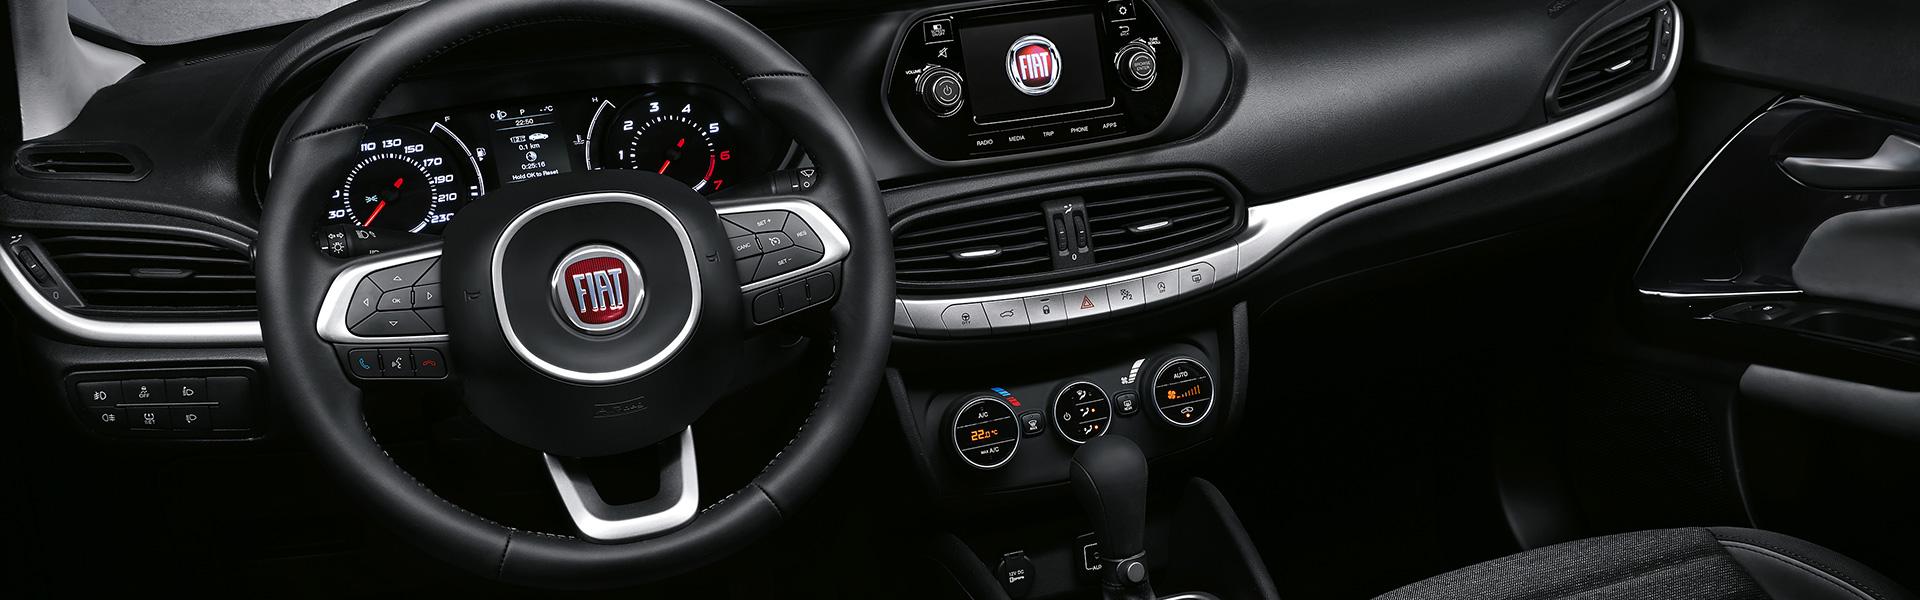 Fiat dash